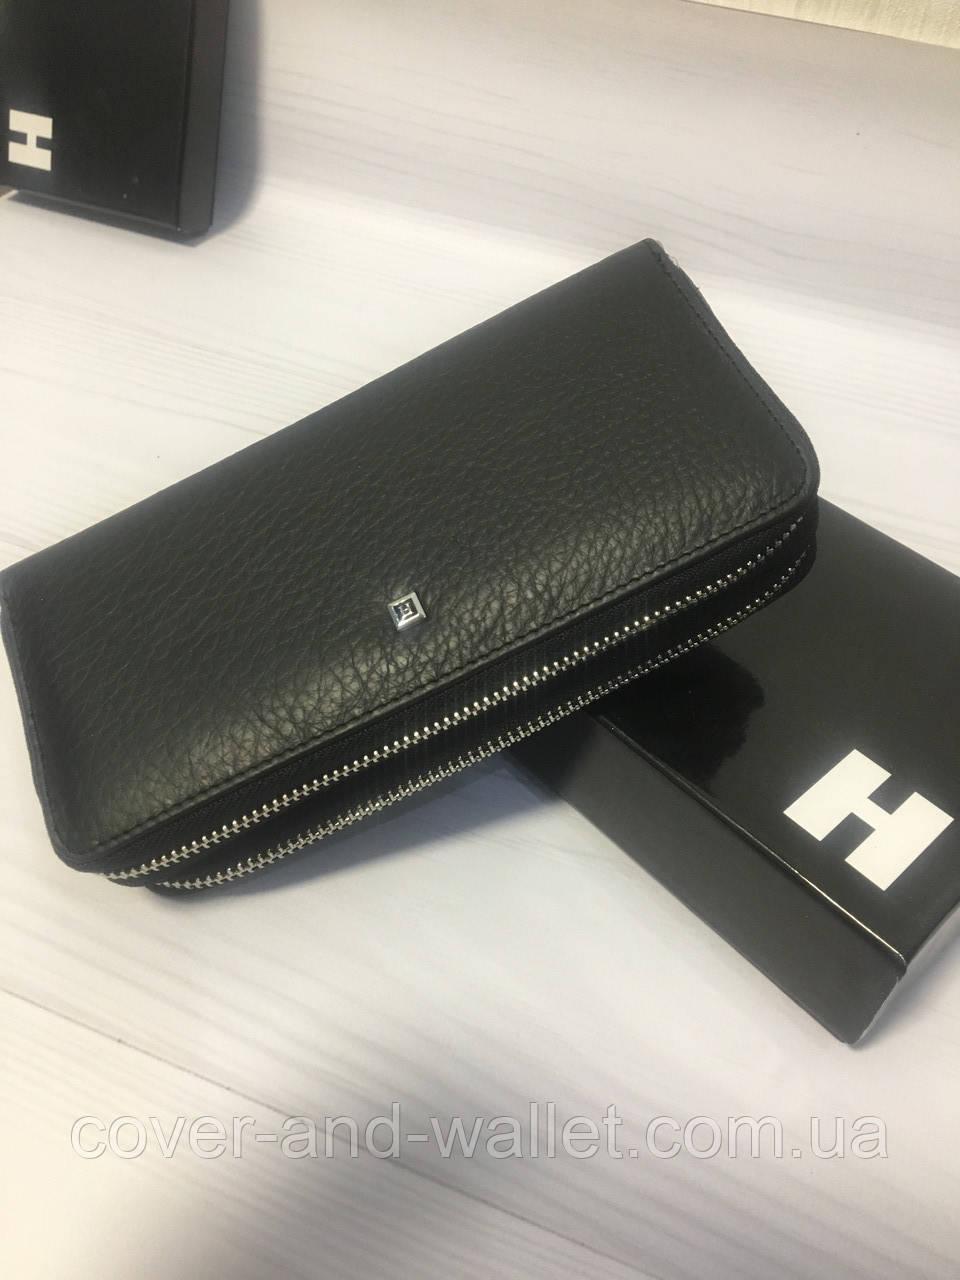 0346a828bdef Вместительный клатч-кошелёк на две молнии черный натуральная кожа - cover  and wallet (обложка